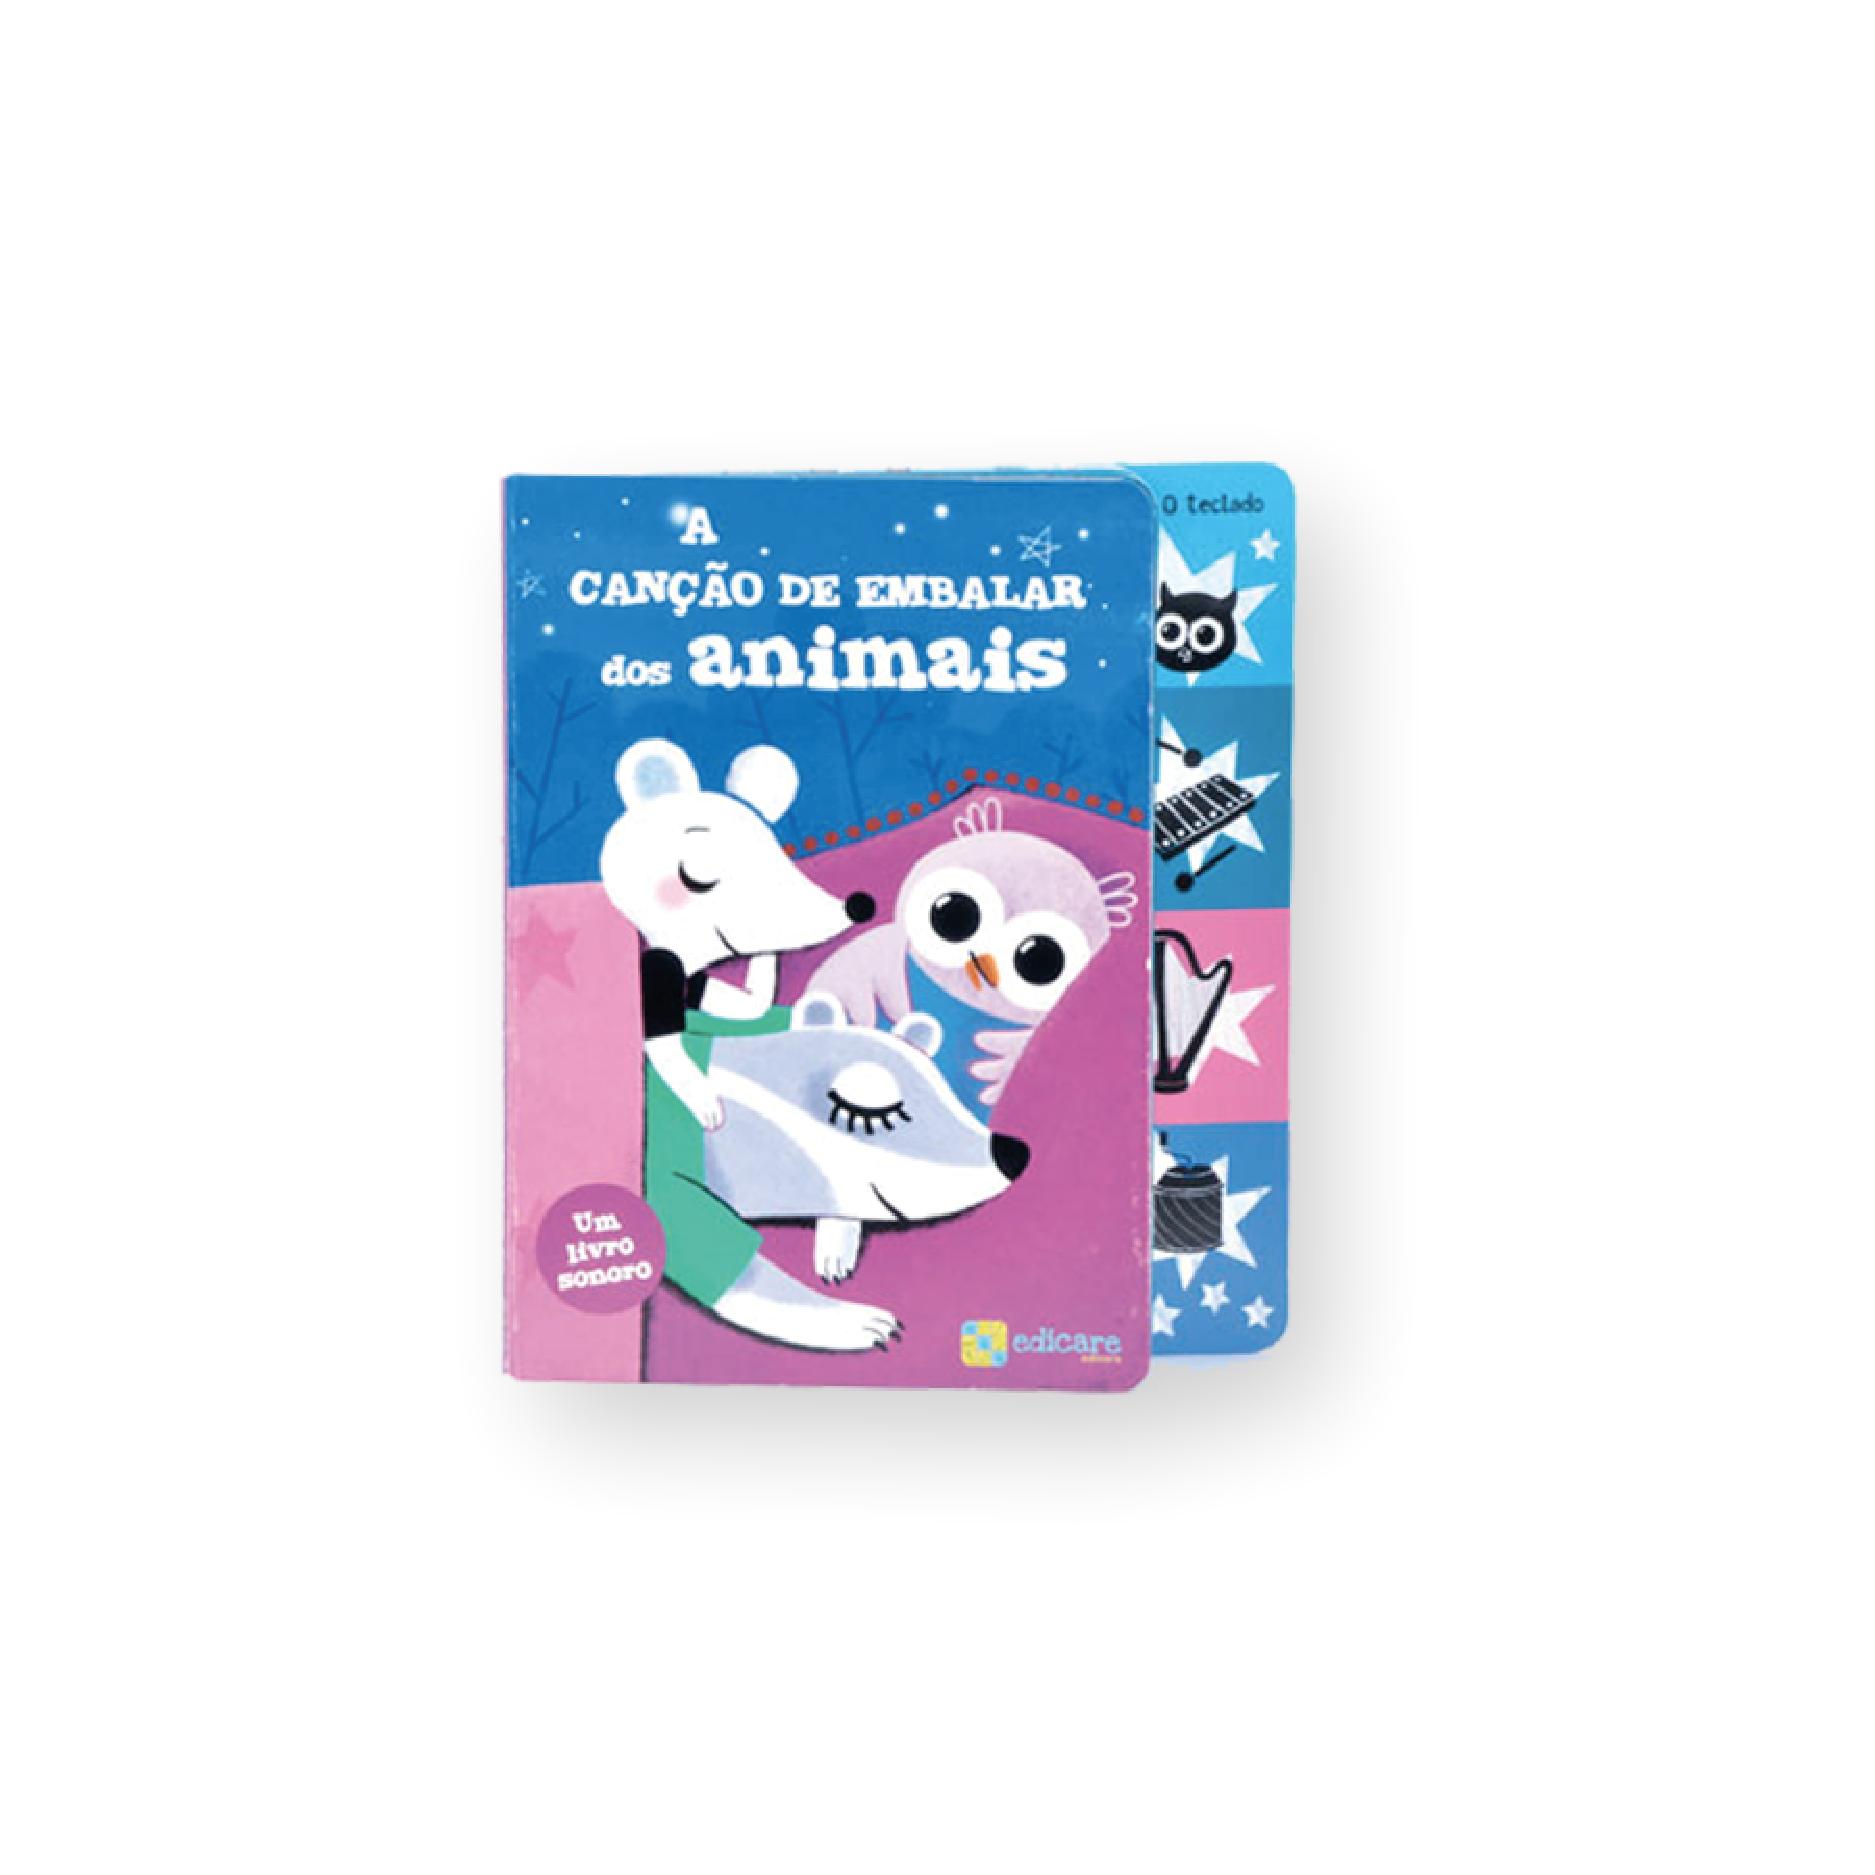 A Cancao De Embalar Dos Animais | Livro Sonoro